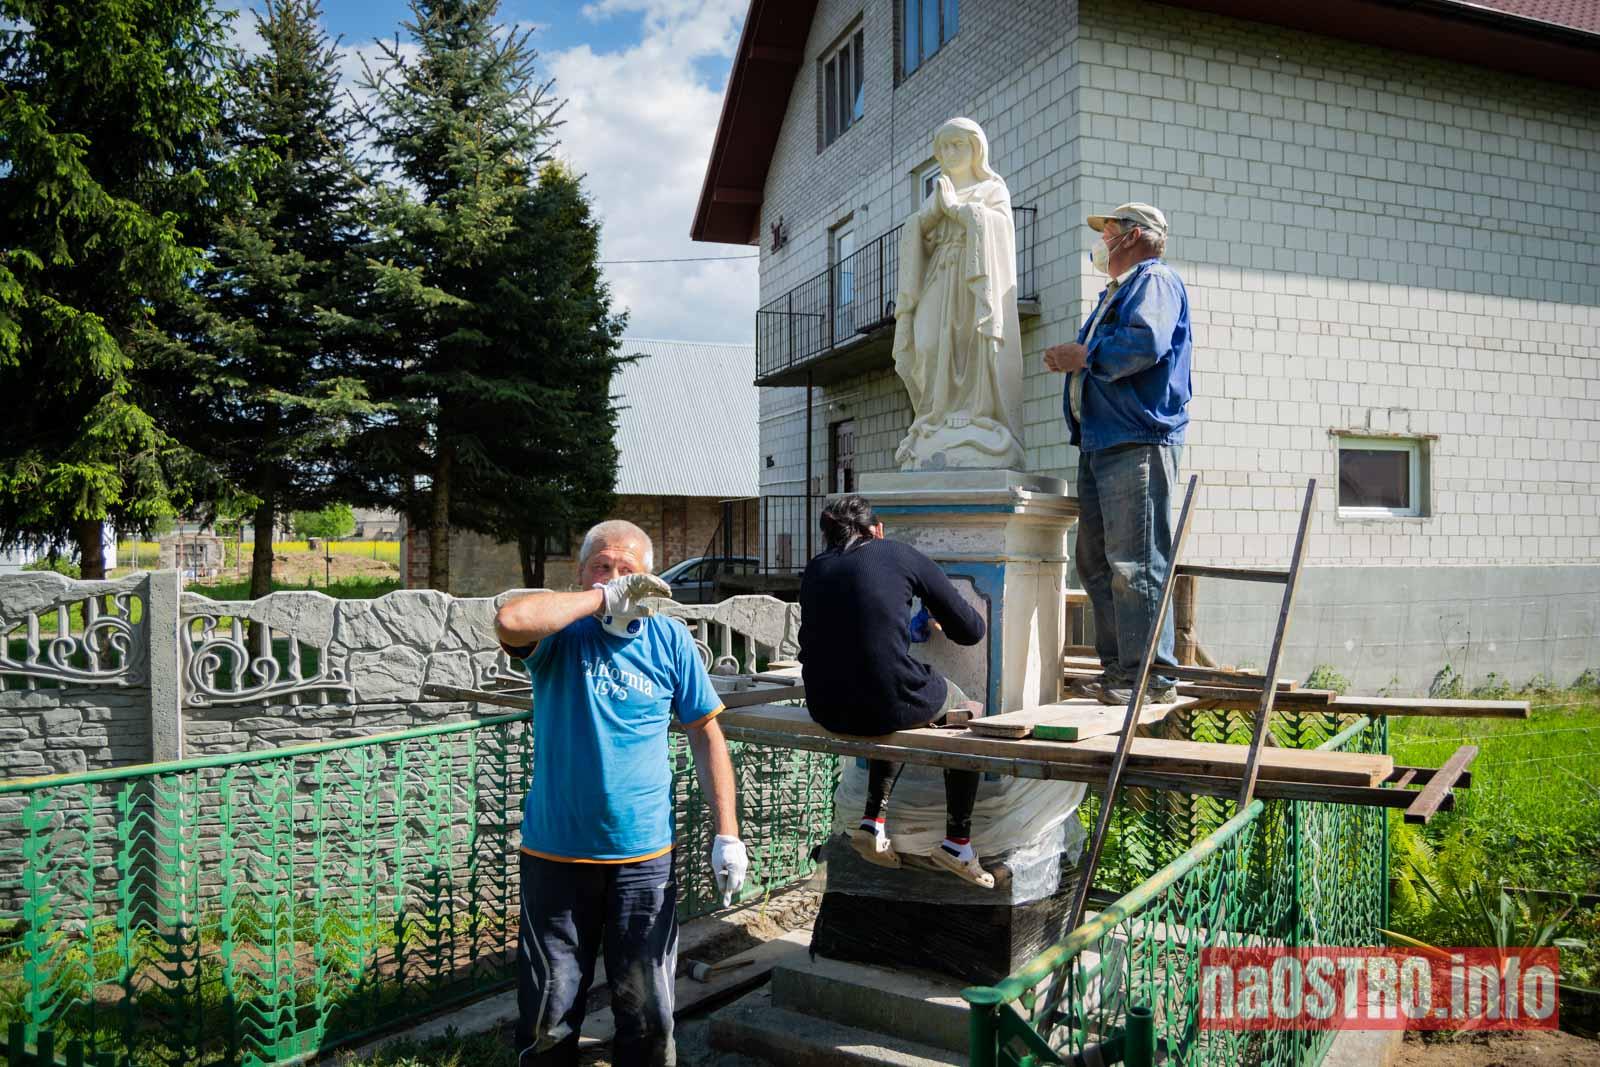 NaOSTRO Renowacja Matki Bożej Nietulisko Małe-7